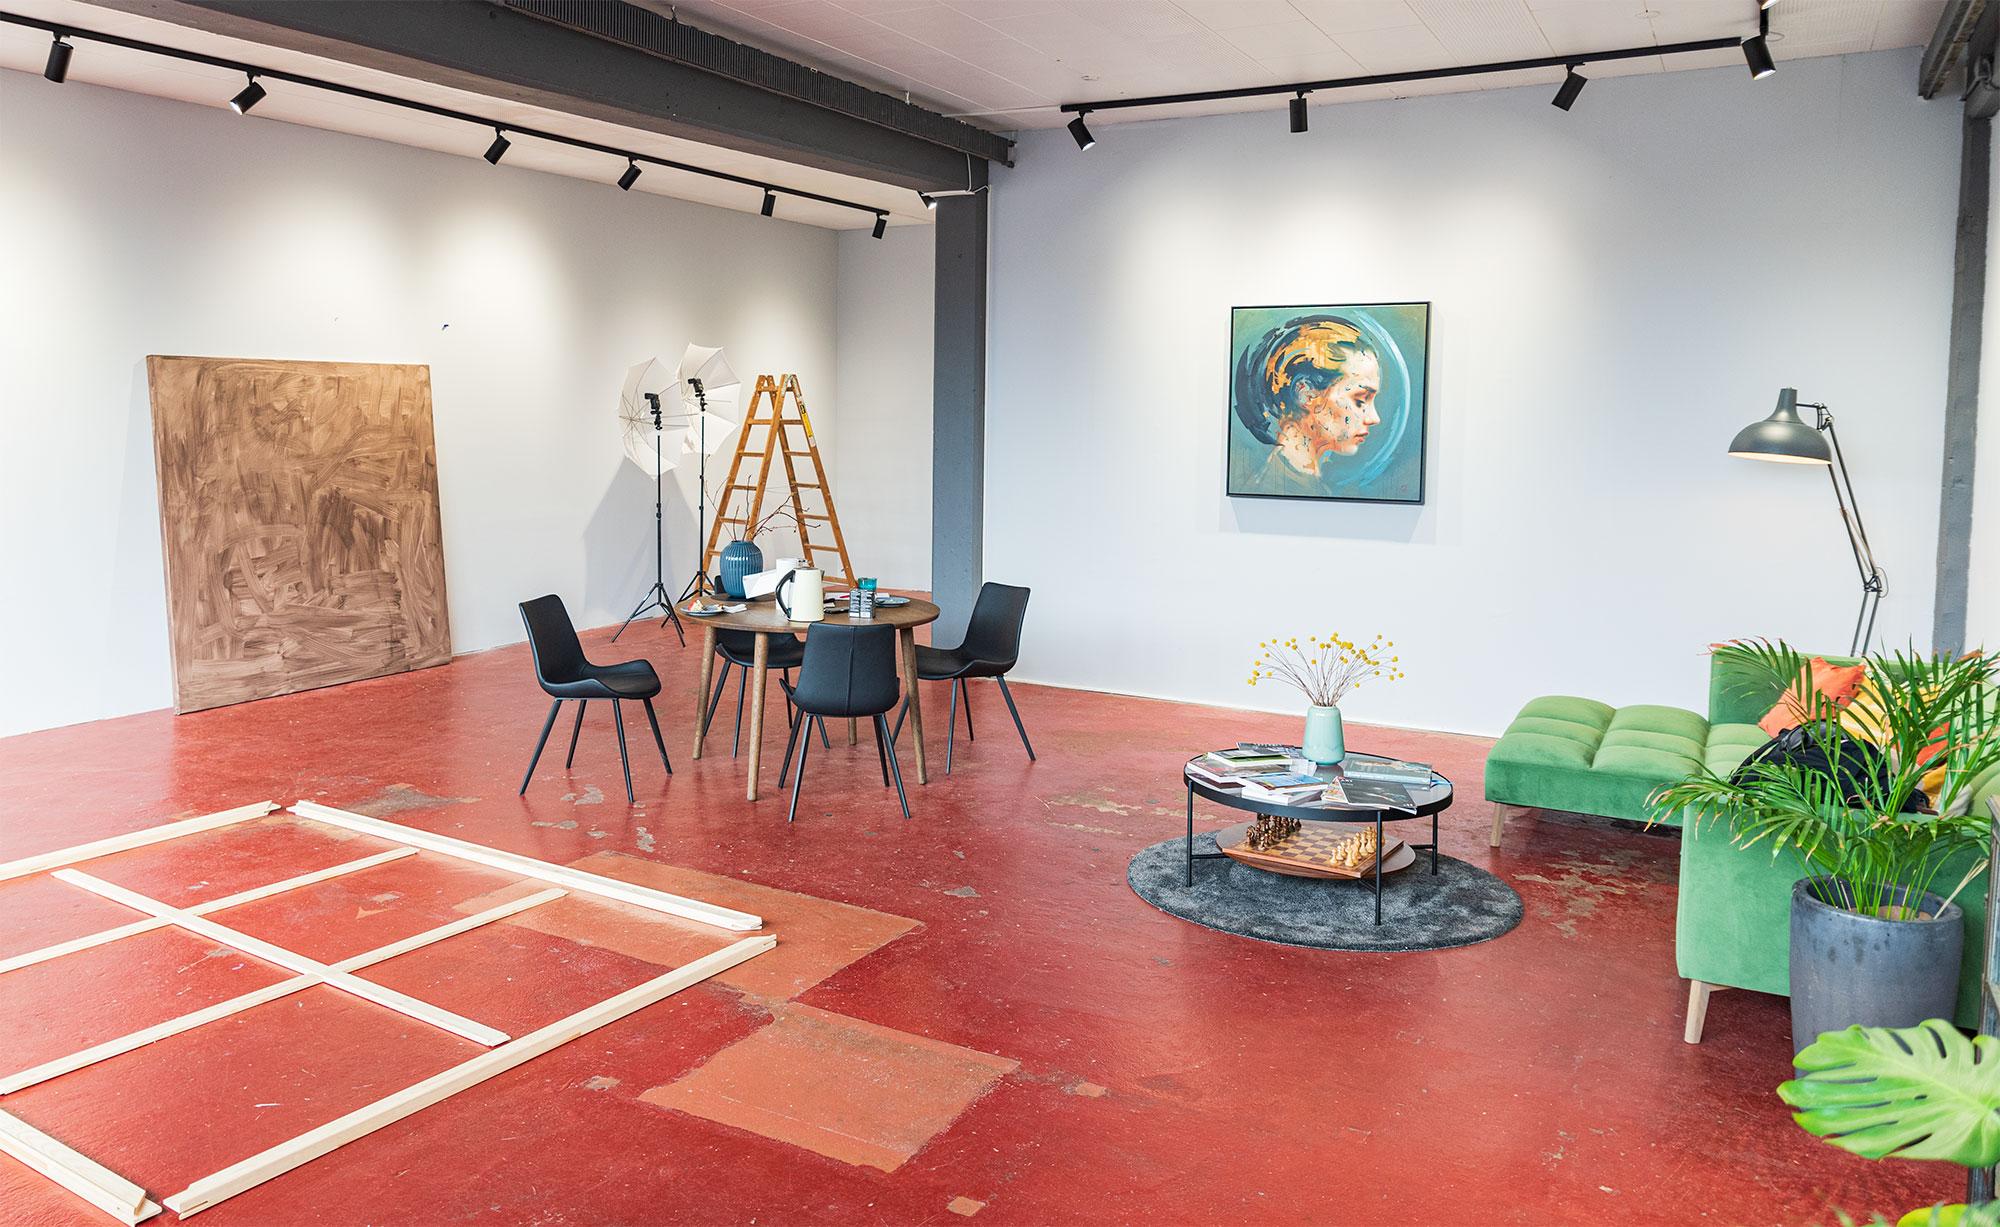 Niels Corfitzens stemningsfulde »galleri«. På gulvet ses en stor usamlet blindramme, som inden længe bliver til et nyt værk. Foto: Thomas Mose.